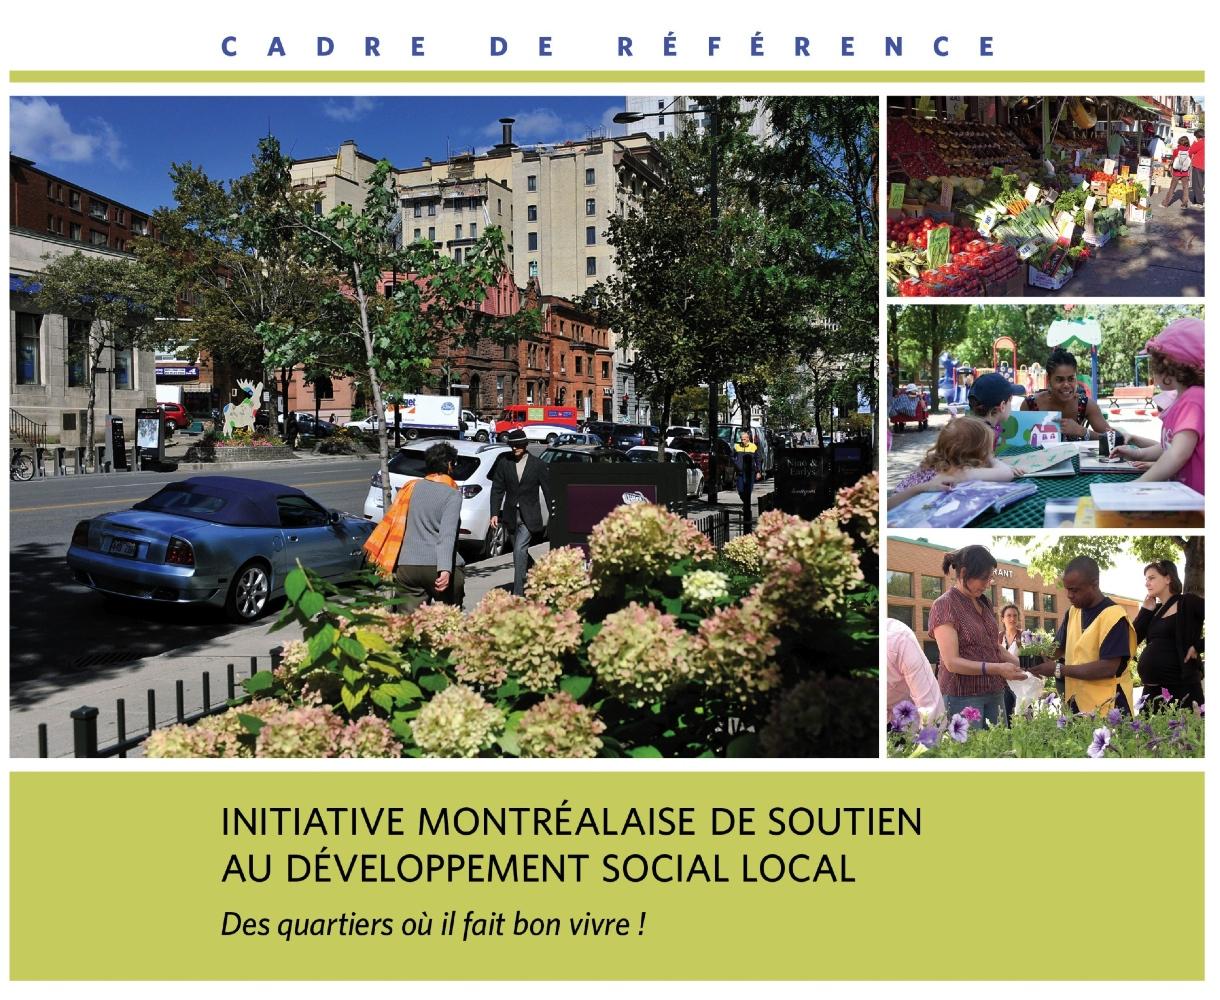 Initiative montréalaise - cadre de référence